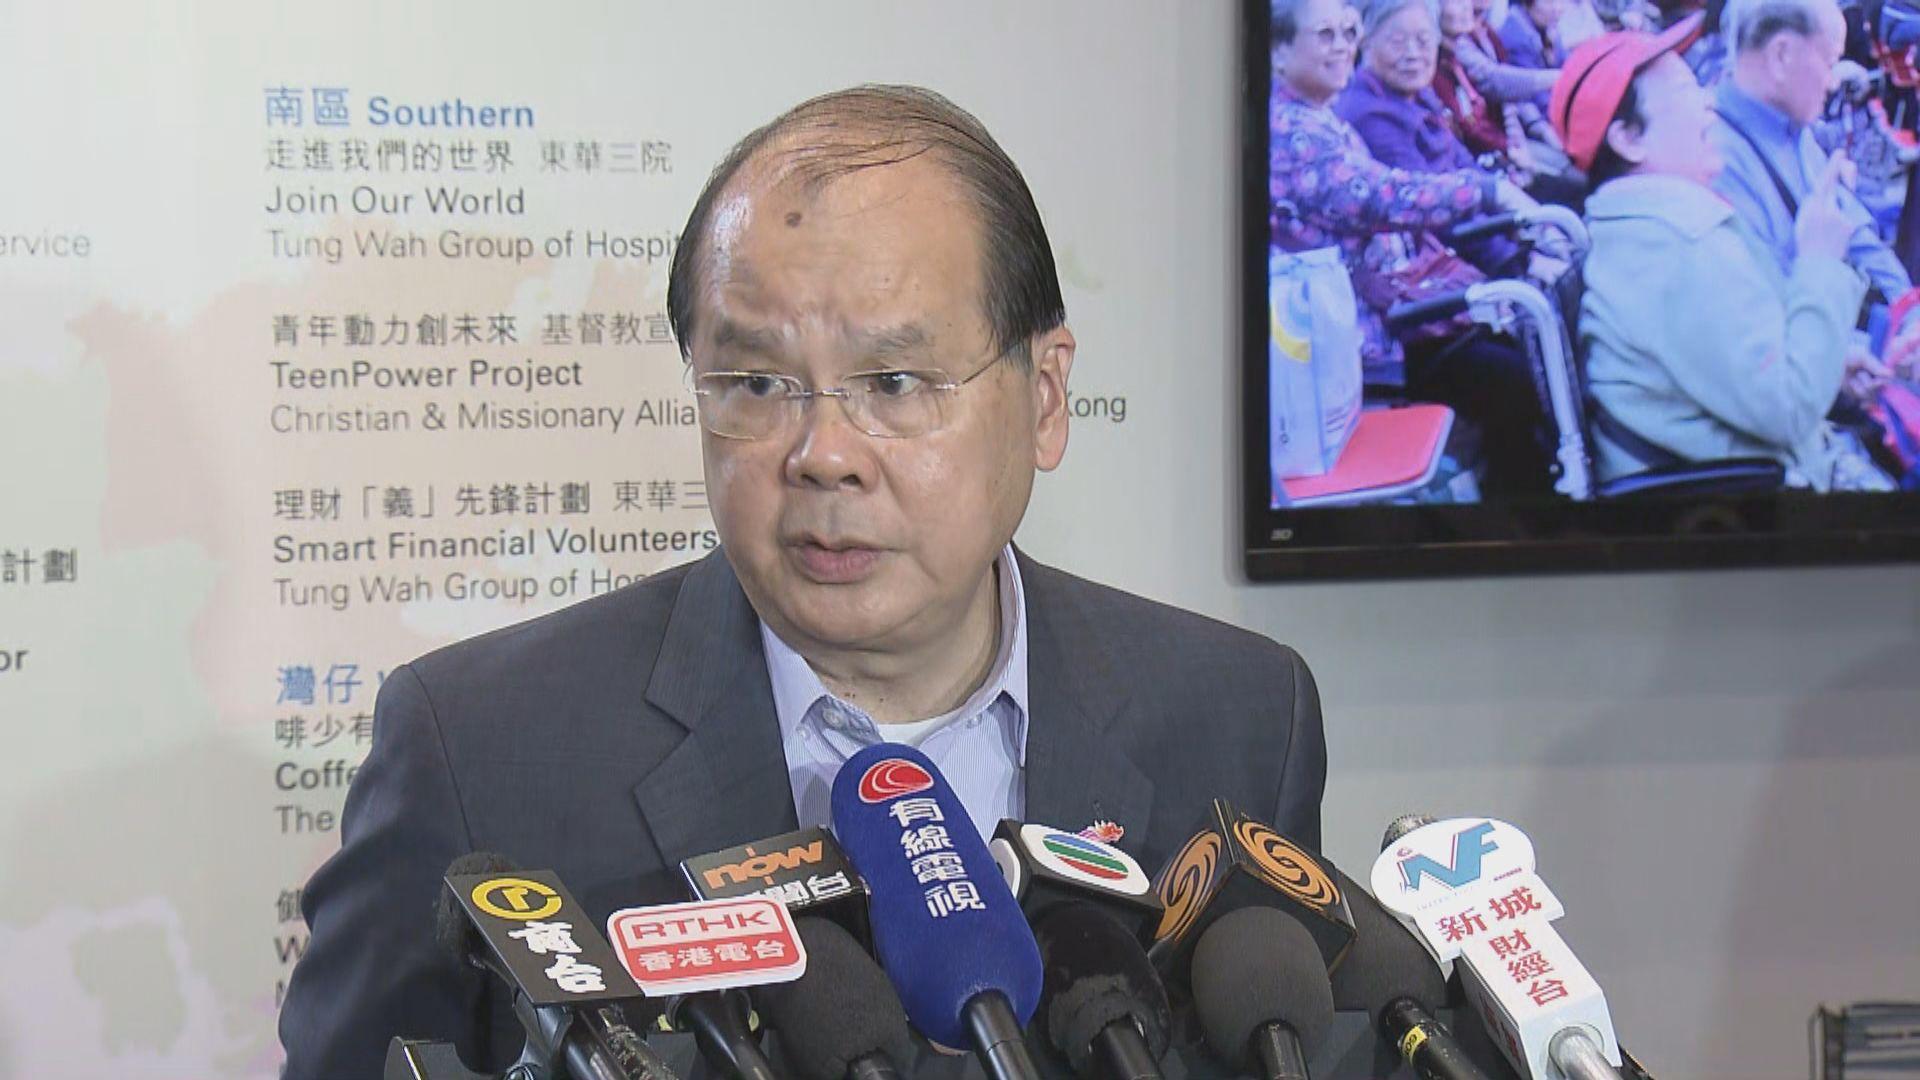 張建宗批英國國會議員動議譴責港府是干涉內政